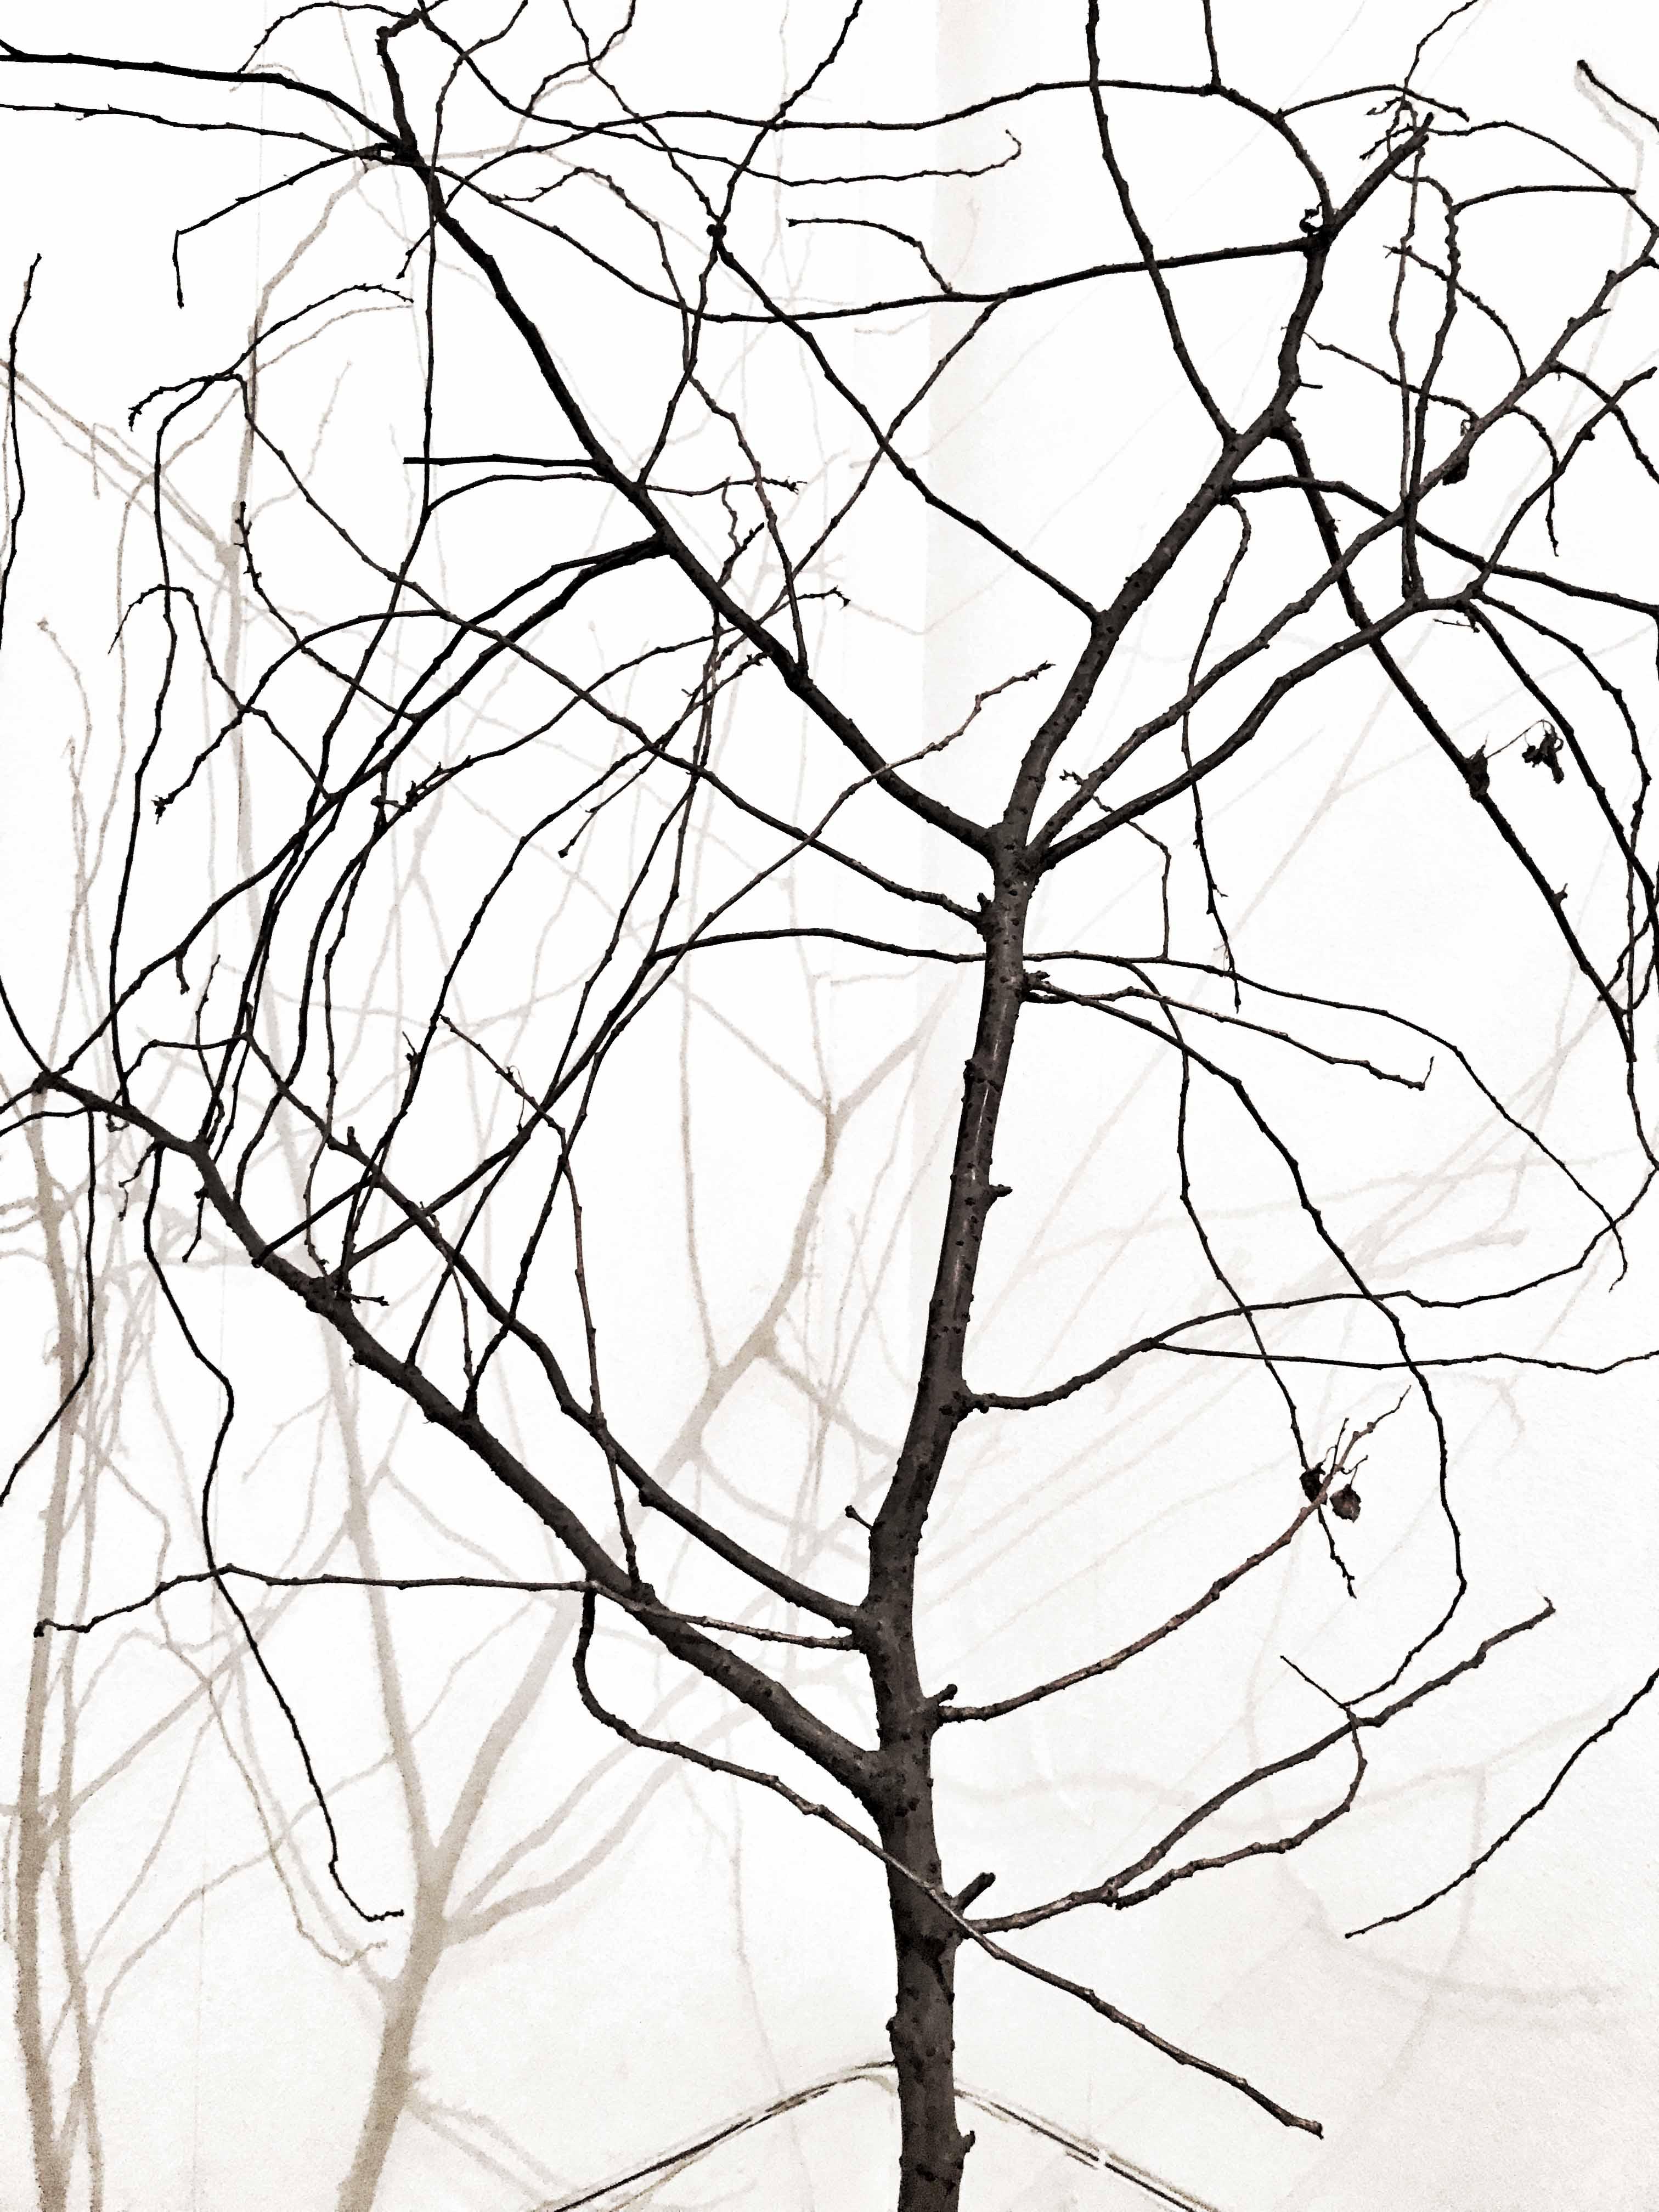 © Mia Galde Titel: Nudum Ligno  Plats/Datum: Zürich 2017 Bildmått: 18x24  cm Teknik: Arkivbeständig pigmentbläckutskrift  Montering: Träram med passepartout   Upplaga: 10  Signerad: Ja   Pris: SEK 5 000.